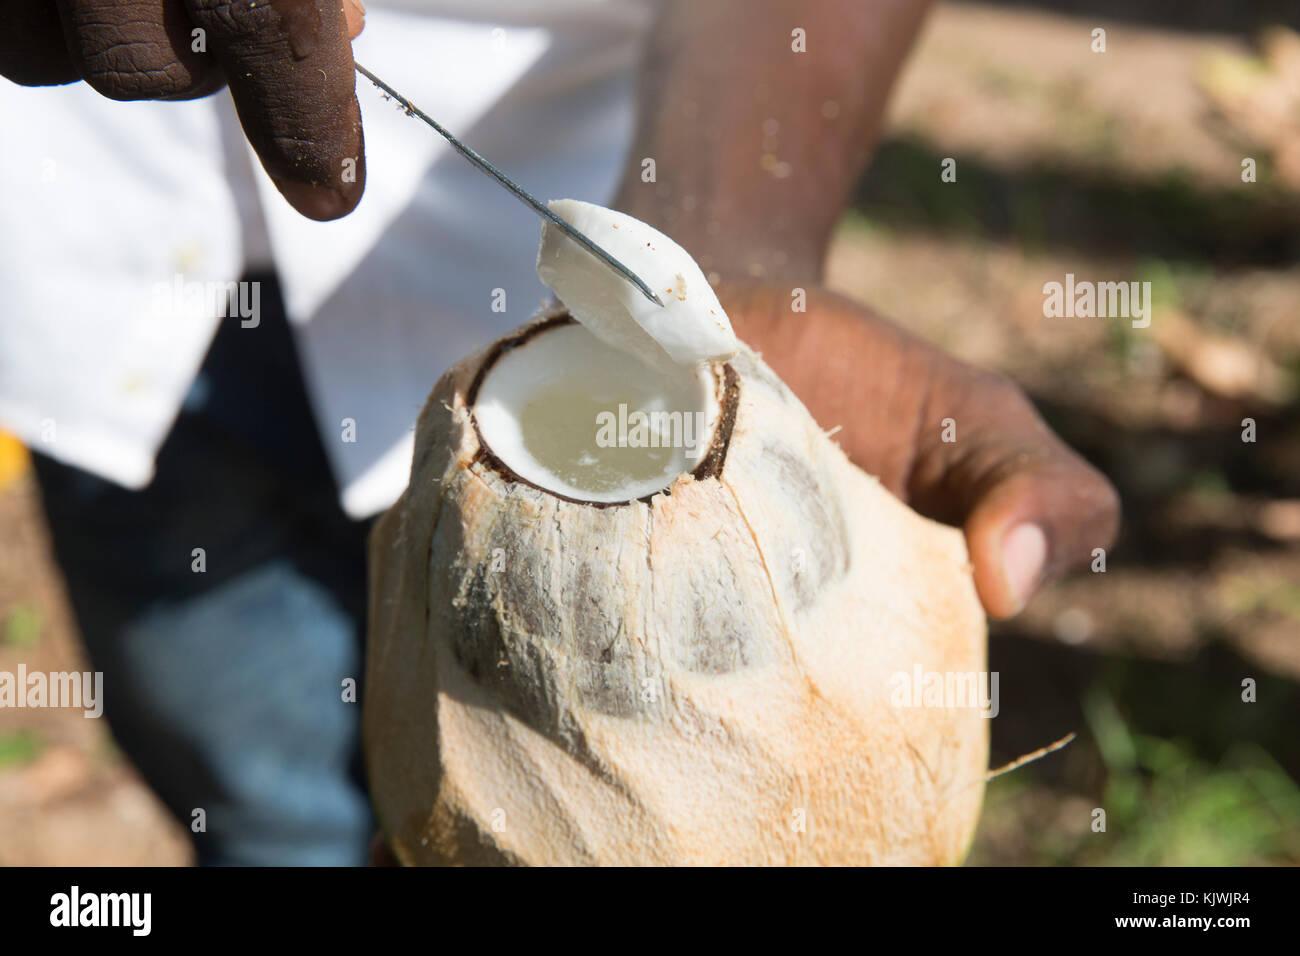 Zanzíbar, Tanzania; un joven agricultor cortes abre un coco ha elegido en una granja de especias en la isla. Imagen De Stock